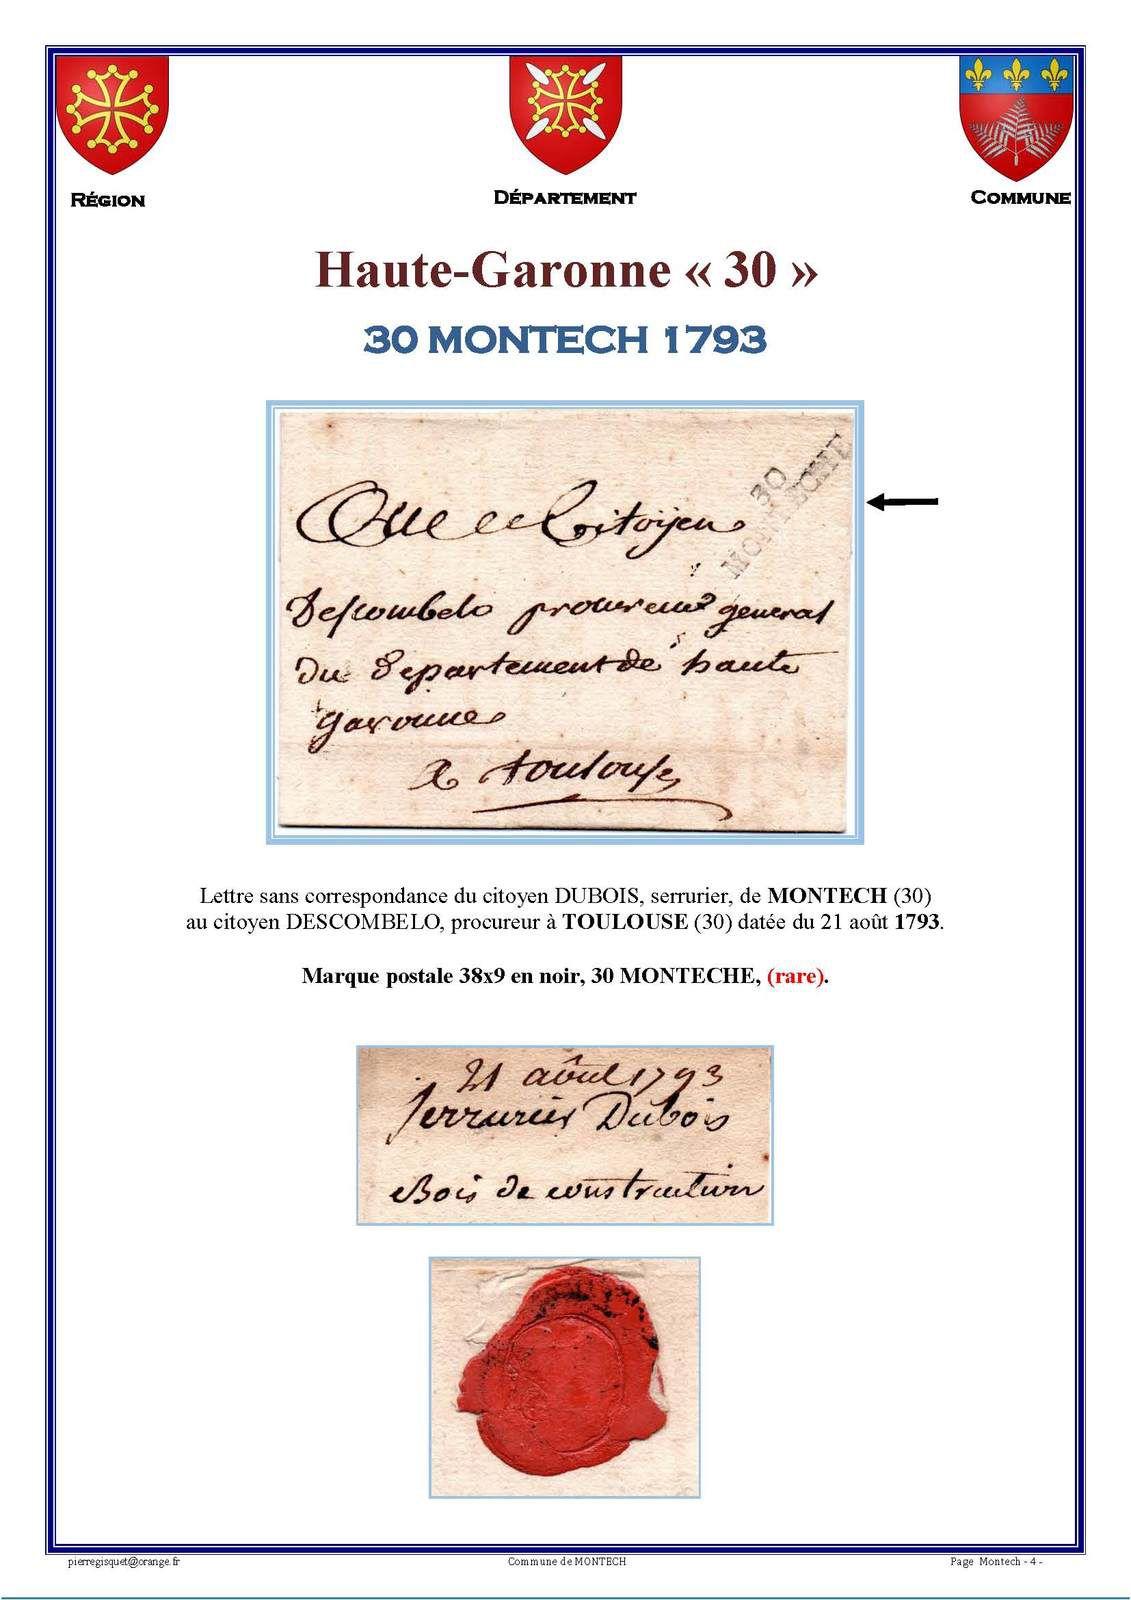 Marcophilie  30 MONTECHE  Haute-Garonne